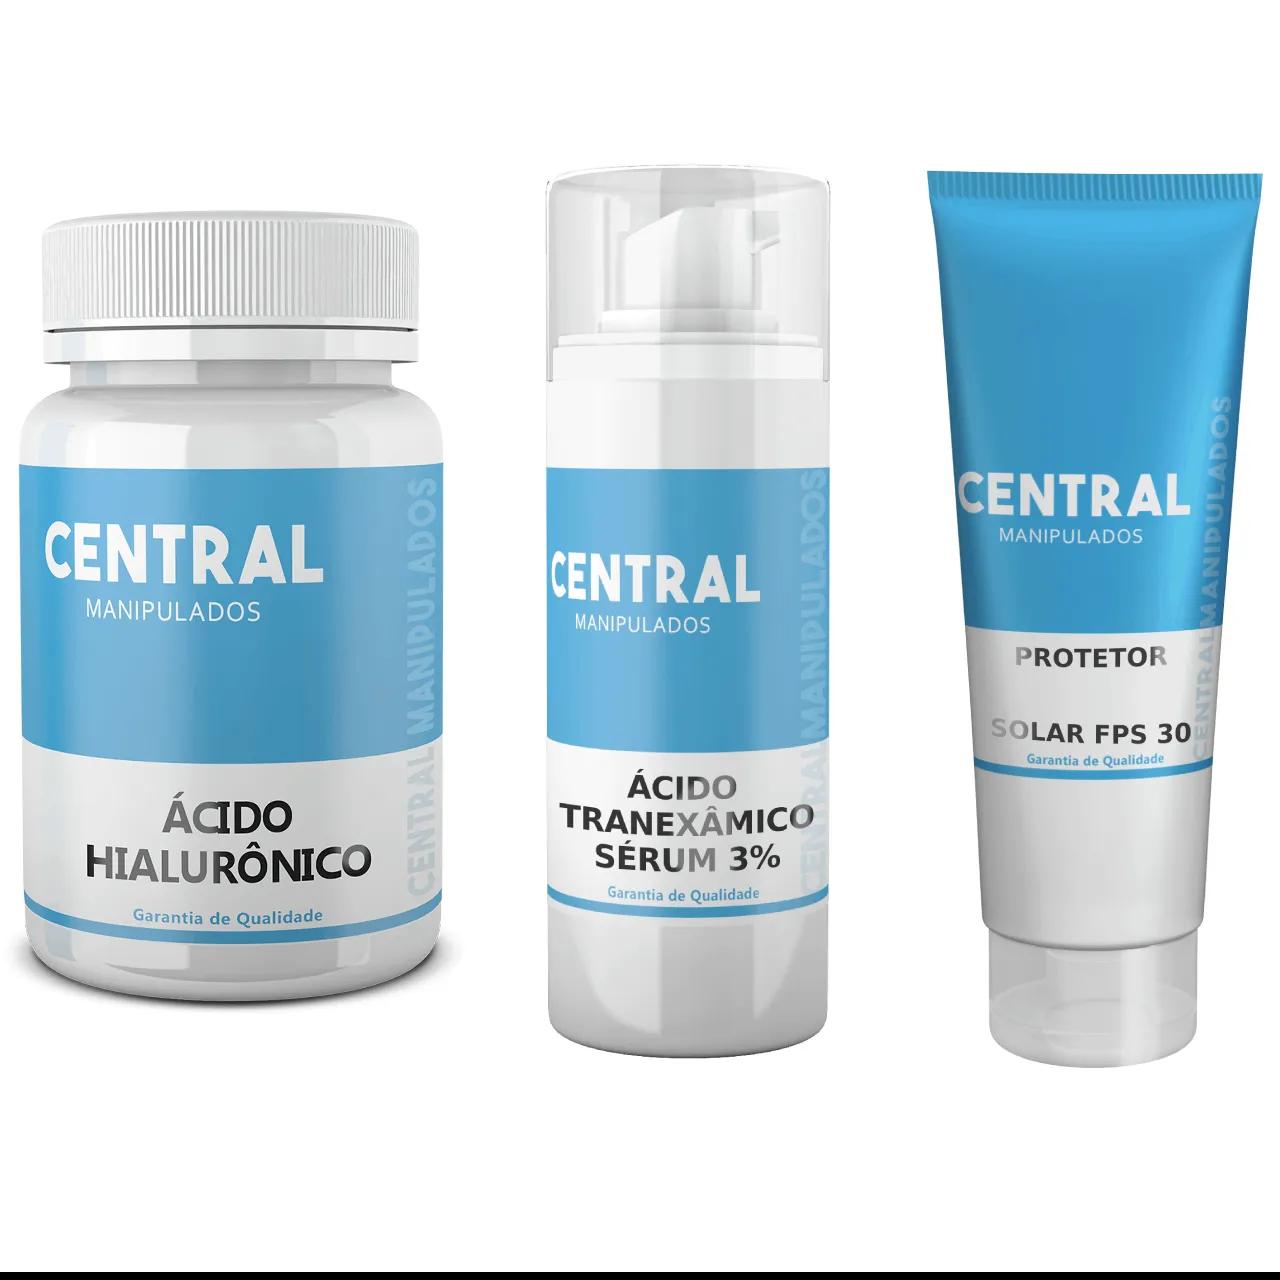 Ácido Hialurônico 50mg - 30 cápsulas + Sérum de Ácido Tranexâmico 3% - 30mL + Protetor Solar Toque Seco FPS 30 - 60 gramas